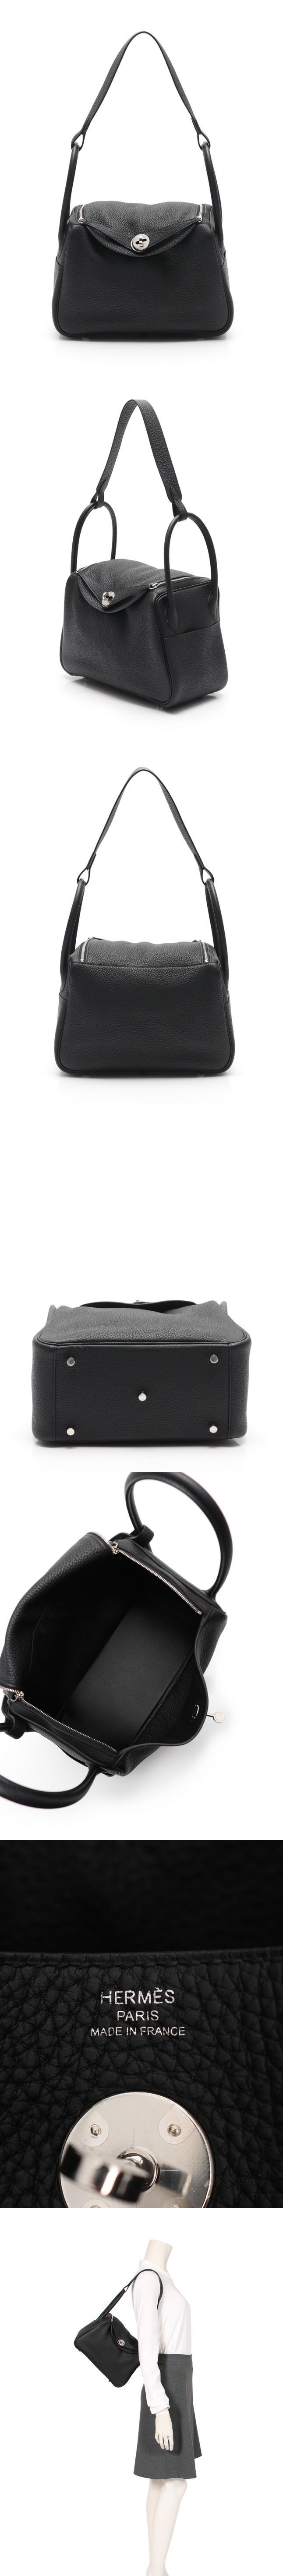 ショルダーバッグ リンディ26 ブラック トリヨンクレマンス C刻印 シルバー金具